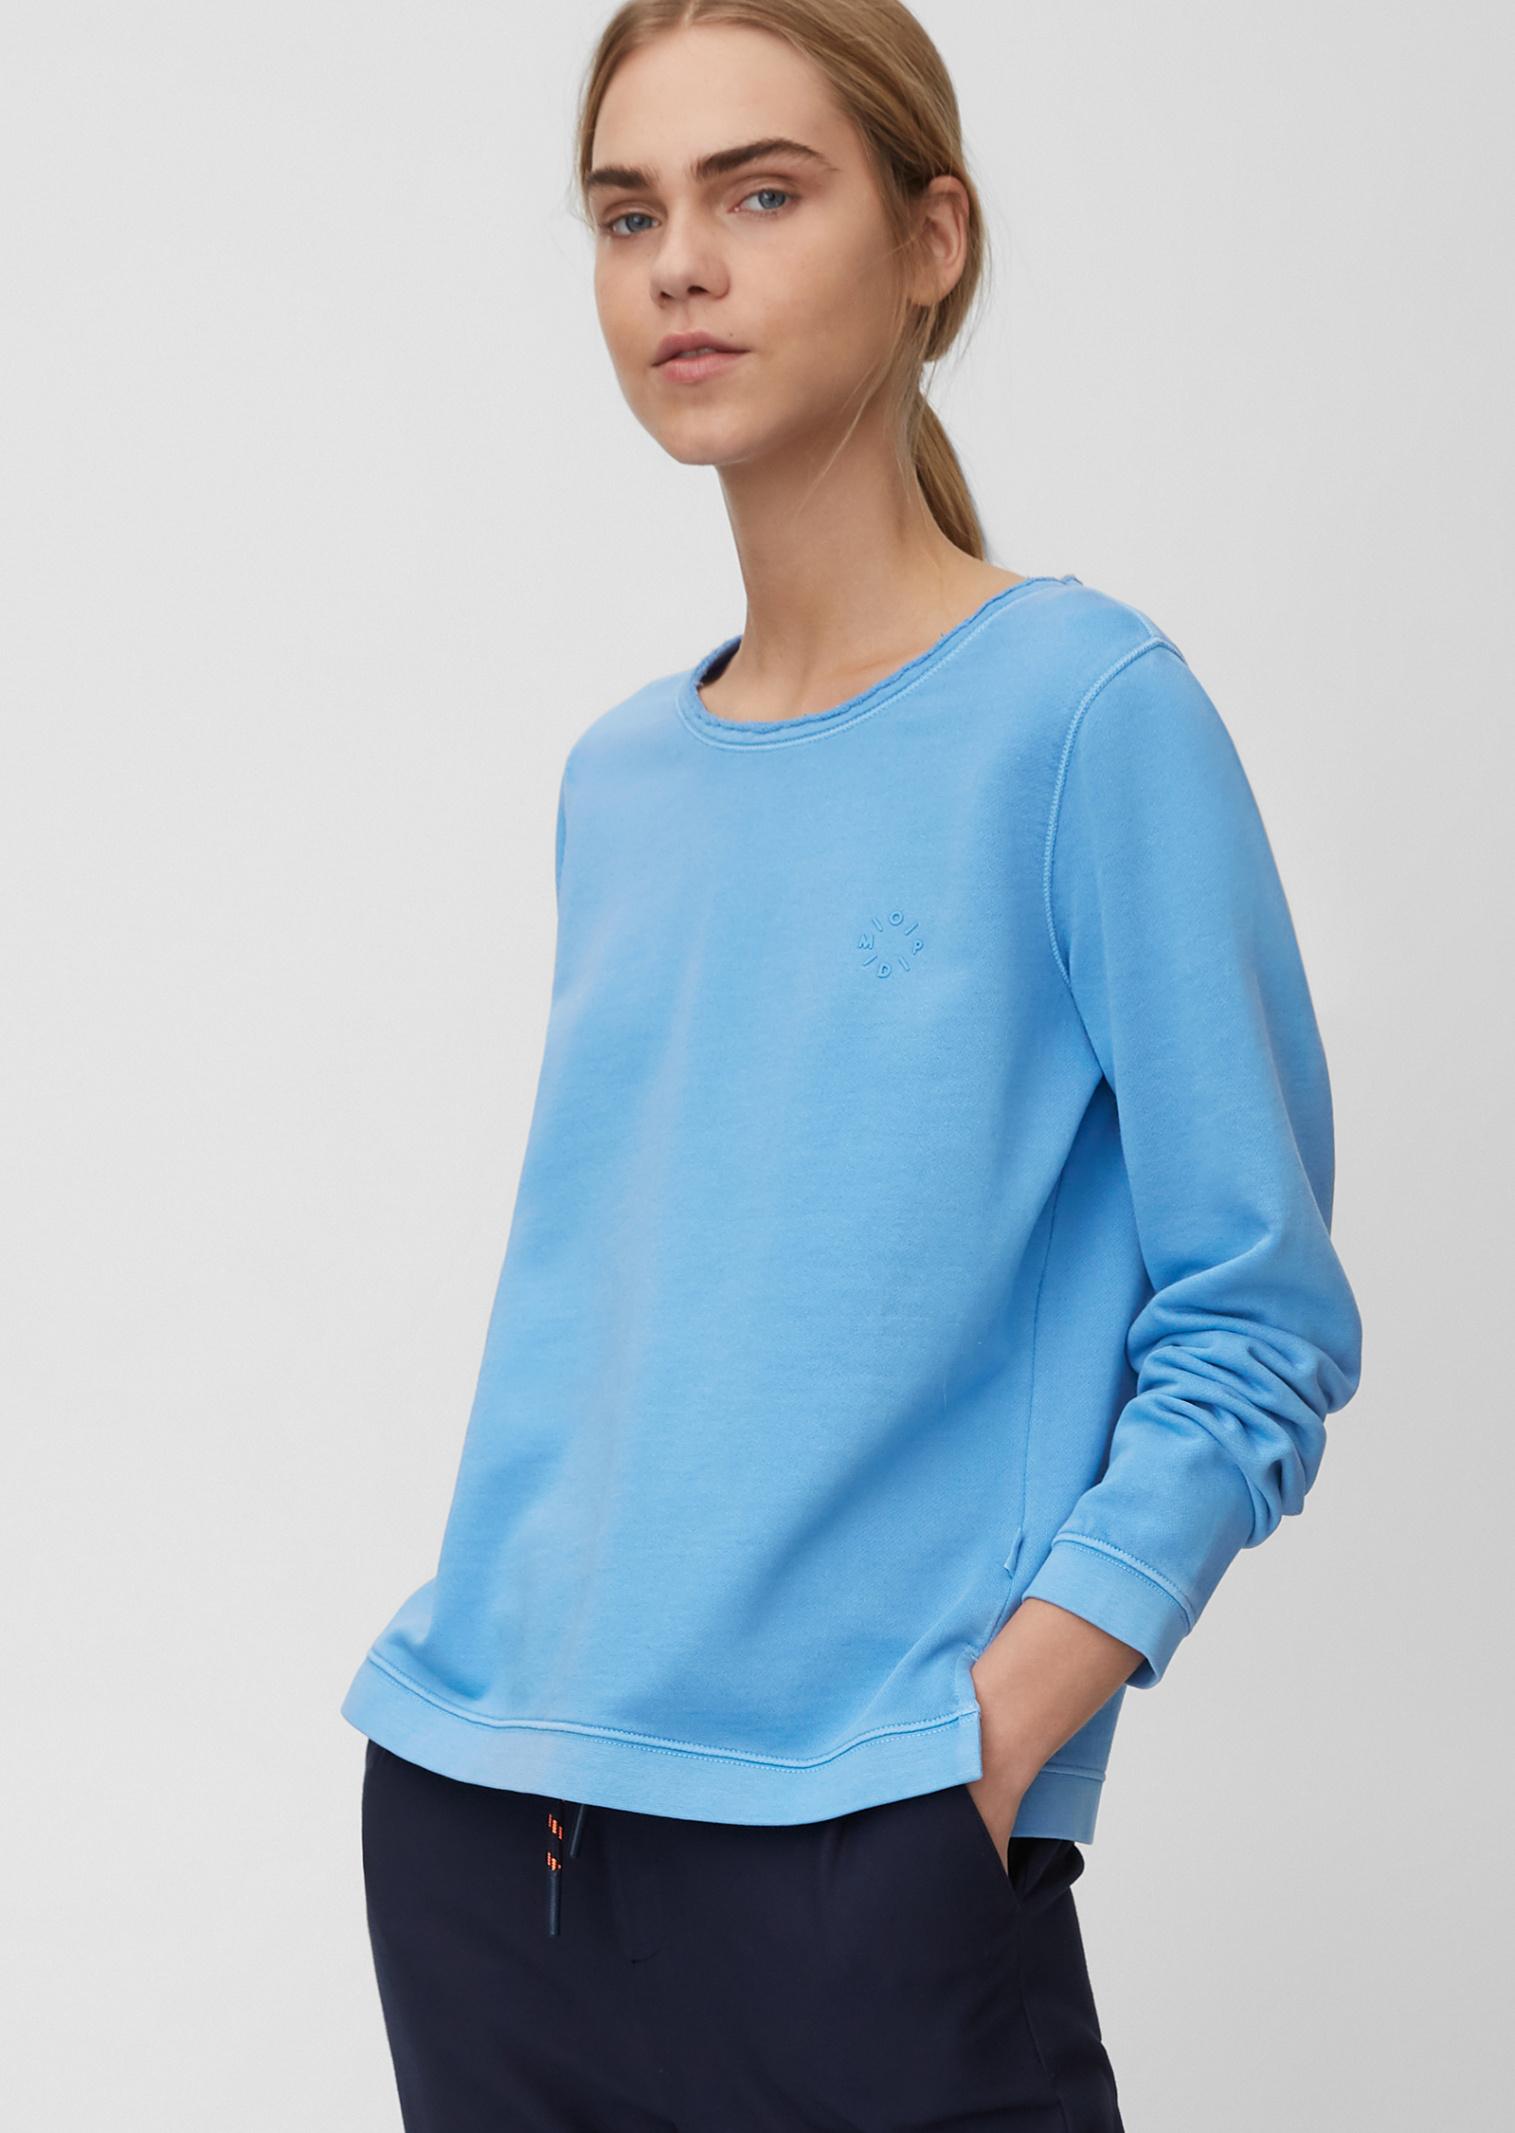 Кофты и свитера женские MARC O'POLO DENIM модель PF4019 приобрести, 2017